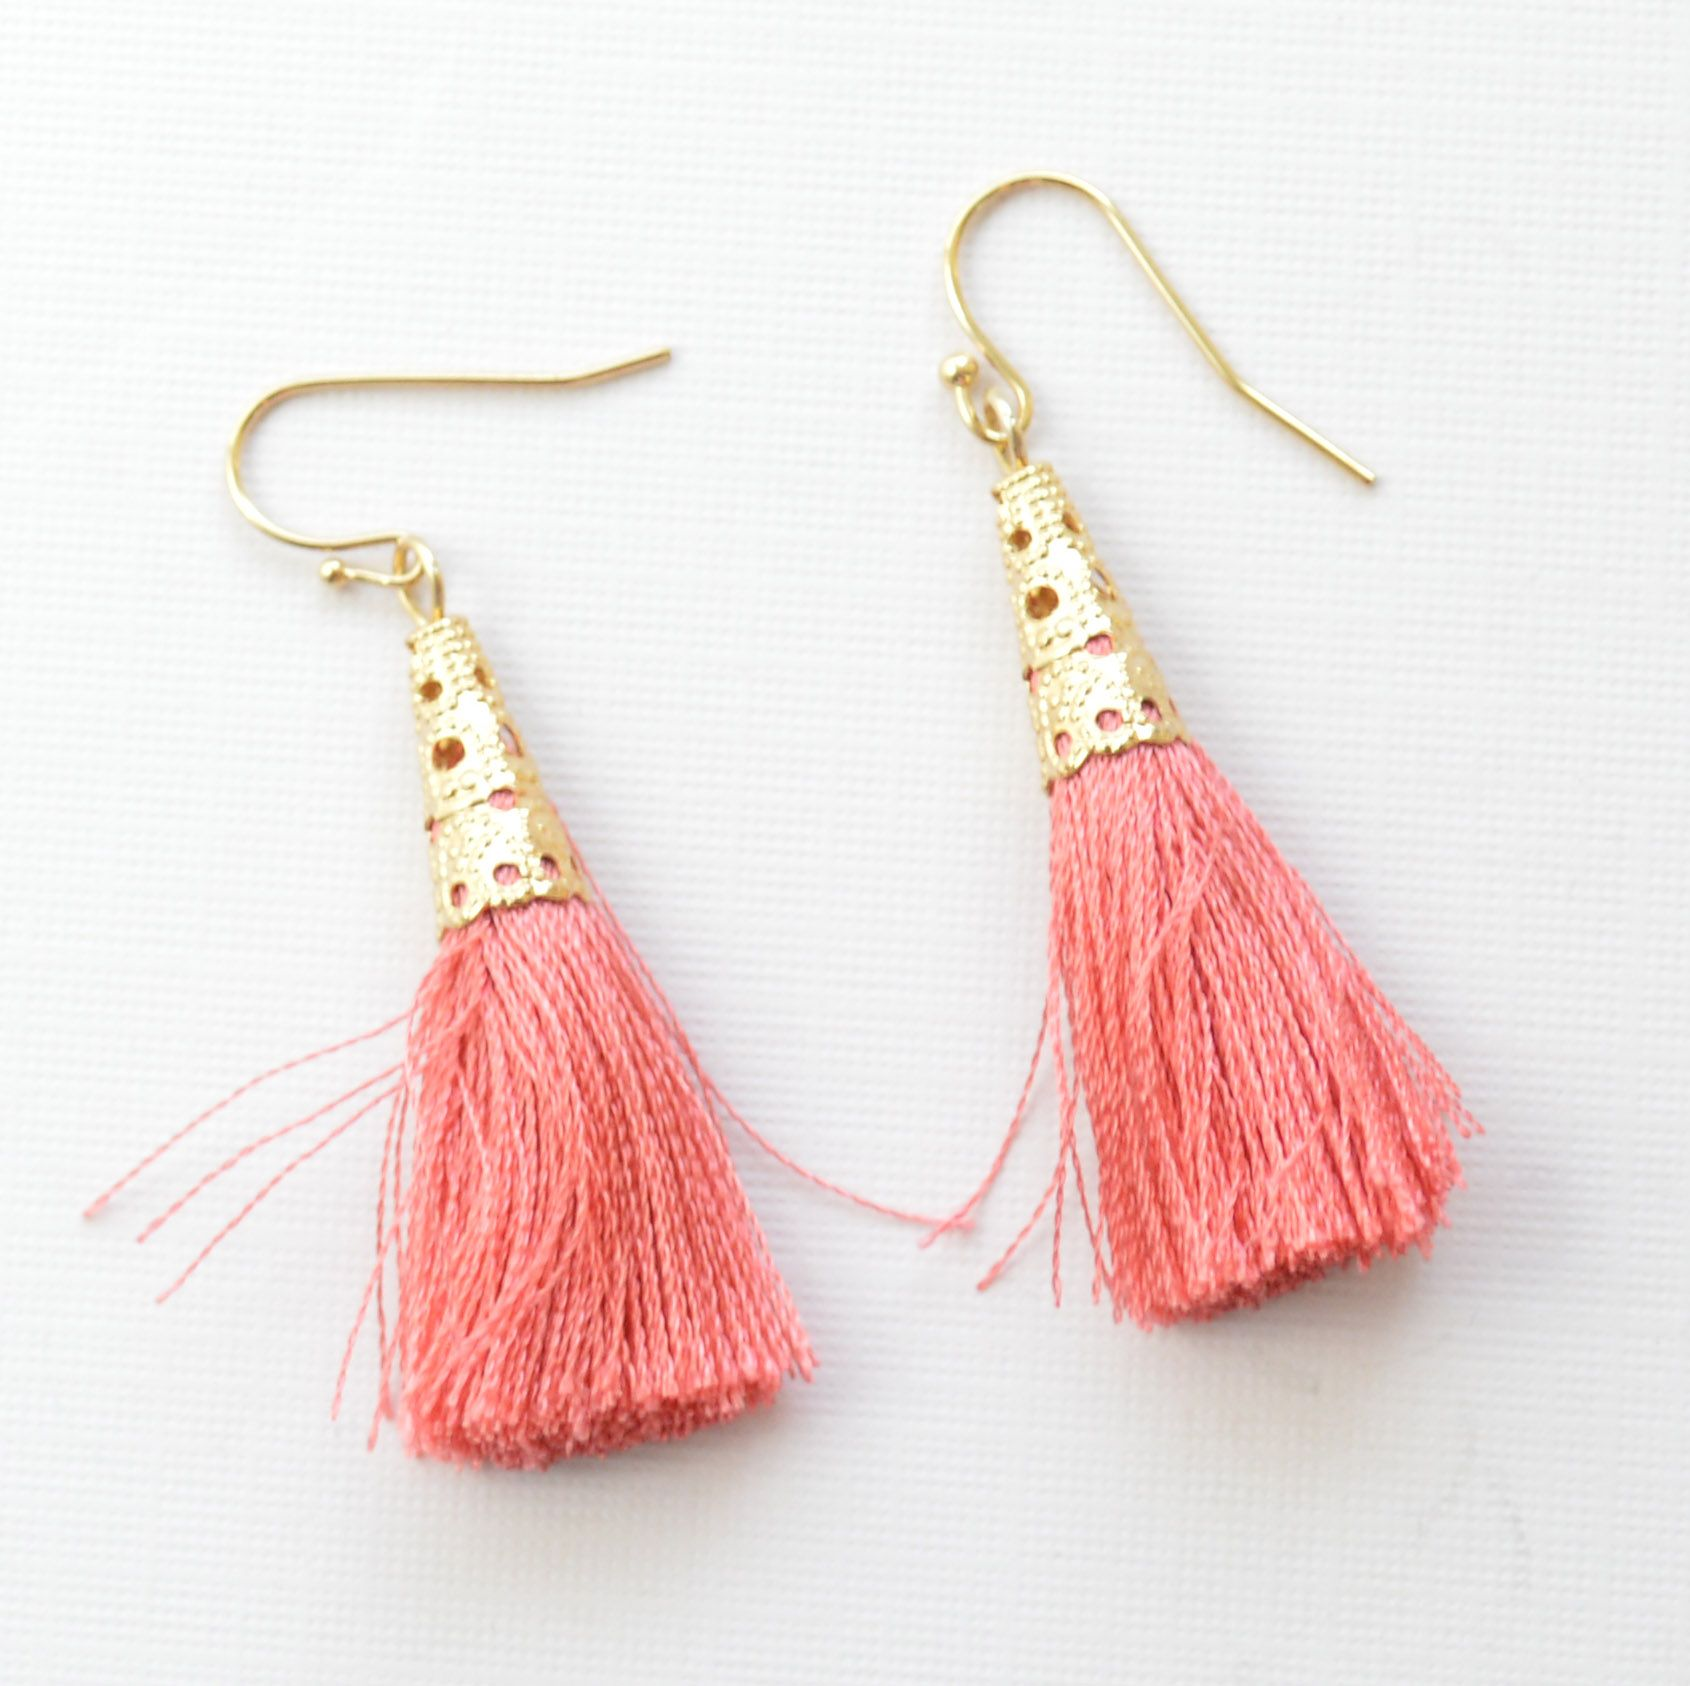 2019 year lifestyle- Wear you Would Tassel earrings?